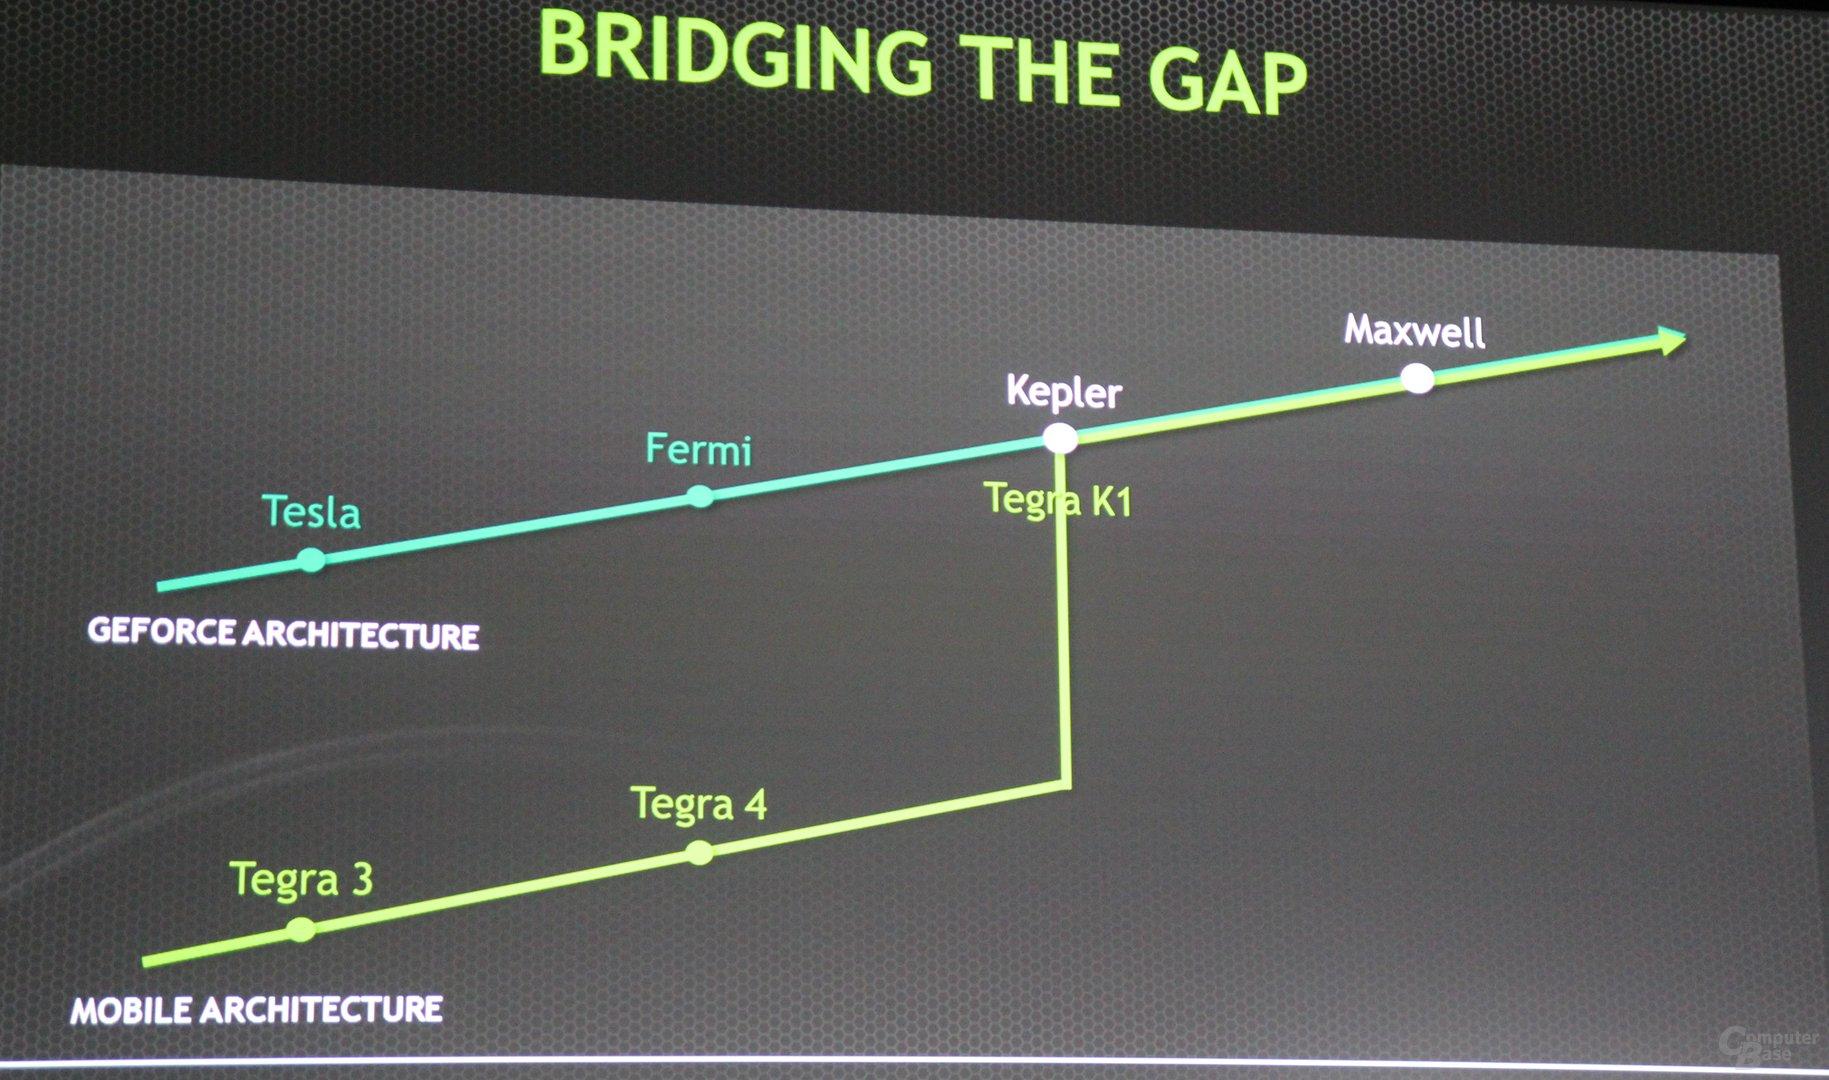 Nvidia enthüllt Tegra K1